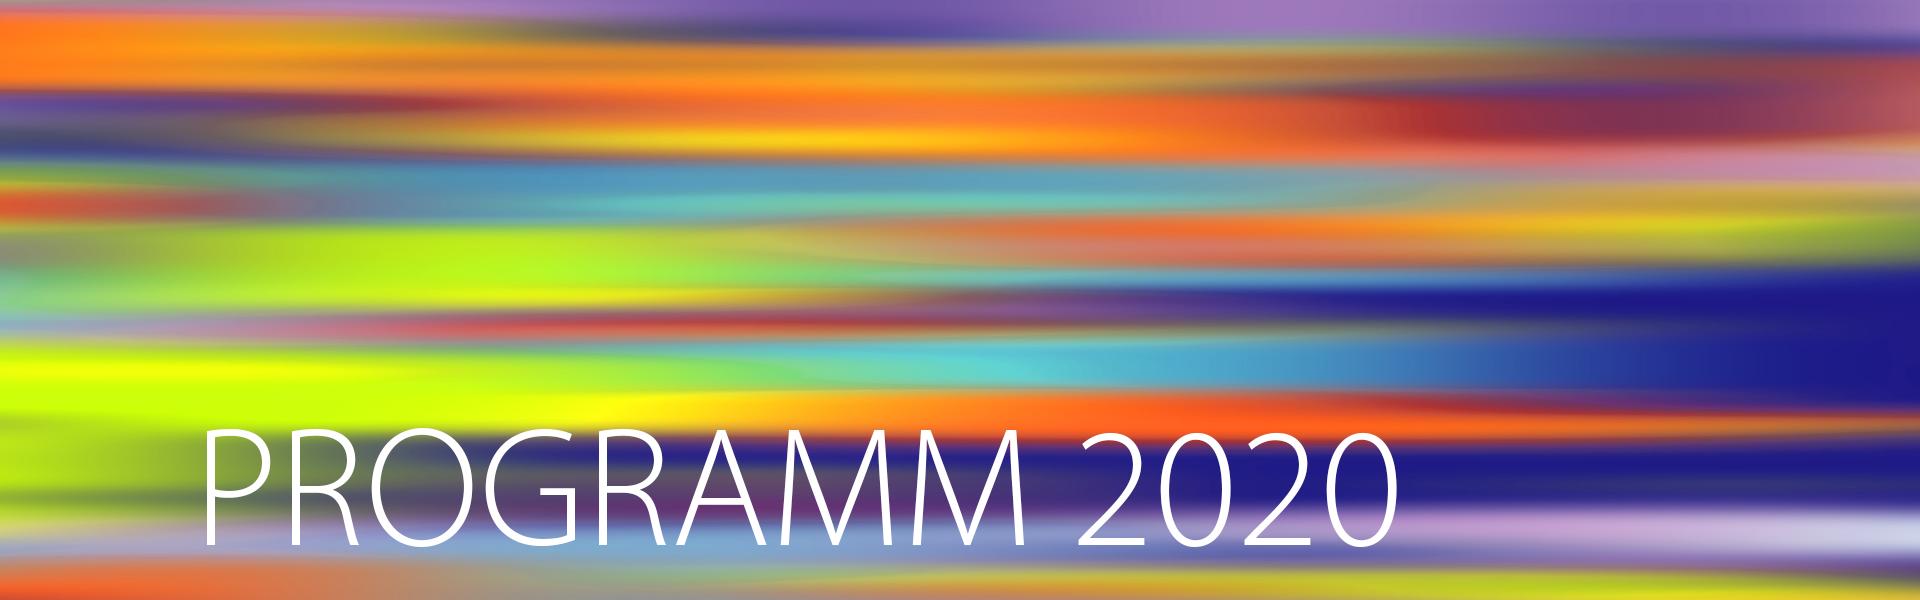 ökoRAUSCH Programm 2020